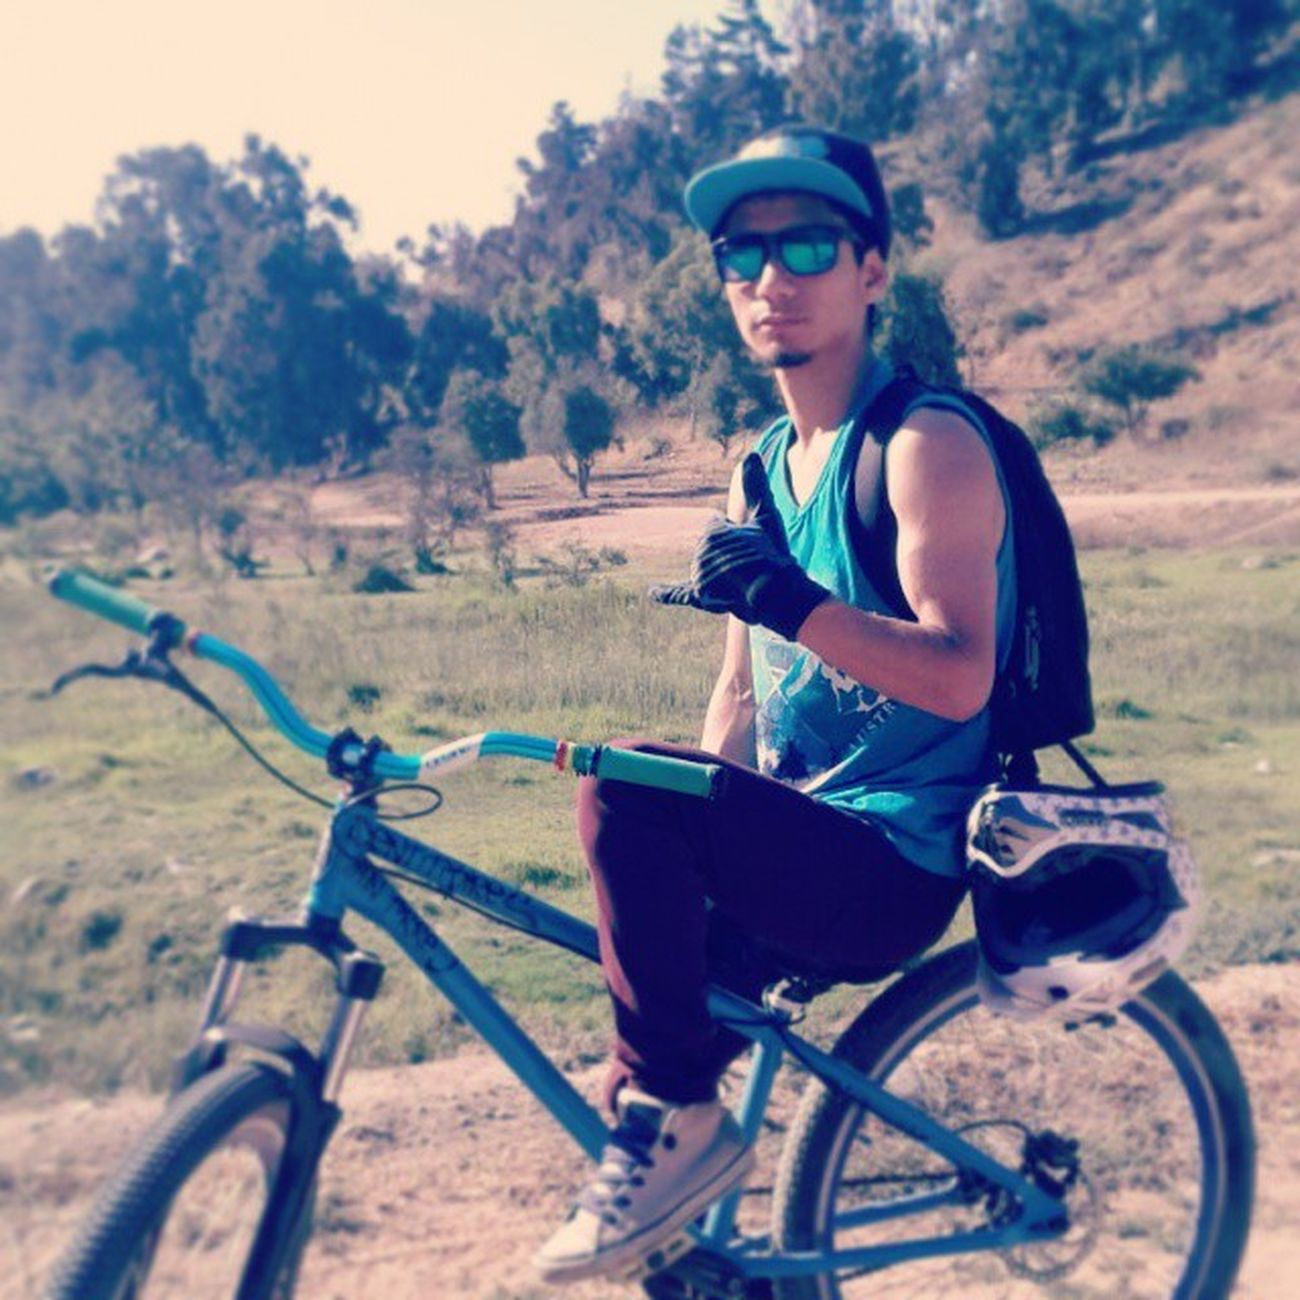 A comenzar con sus dh LaSerena Identitibikes Dh Downhill descenso bikes mtb tierrabike octane kenda novatec